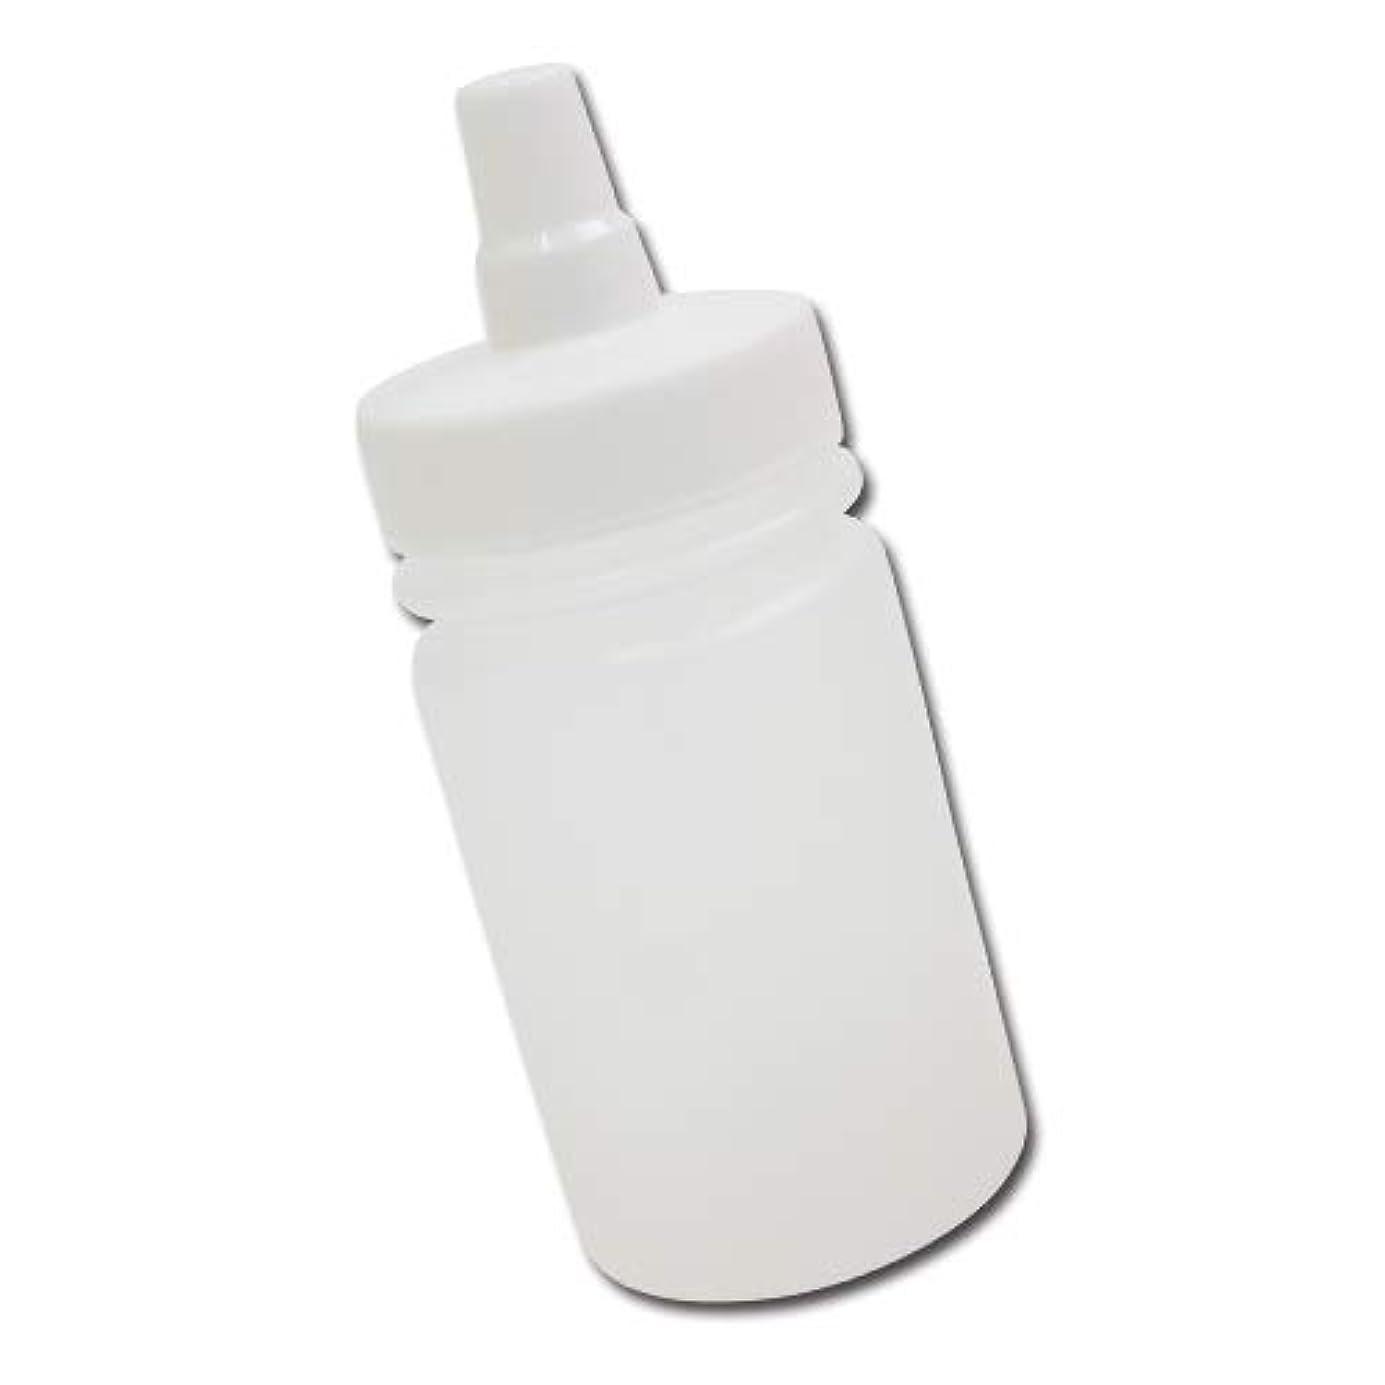 はちみつ容器100ml(ホワイトキャップ)│ストレート型 業務用ローションや調味料の小分けに詰め替え用ハチミツ容器(蜂蜜容器)はちみつボトル